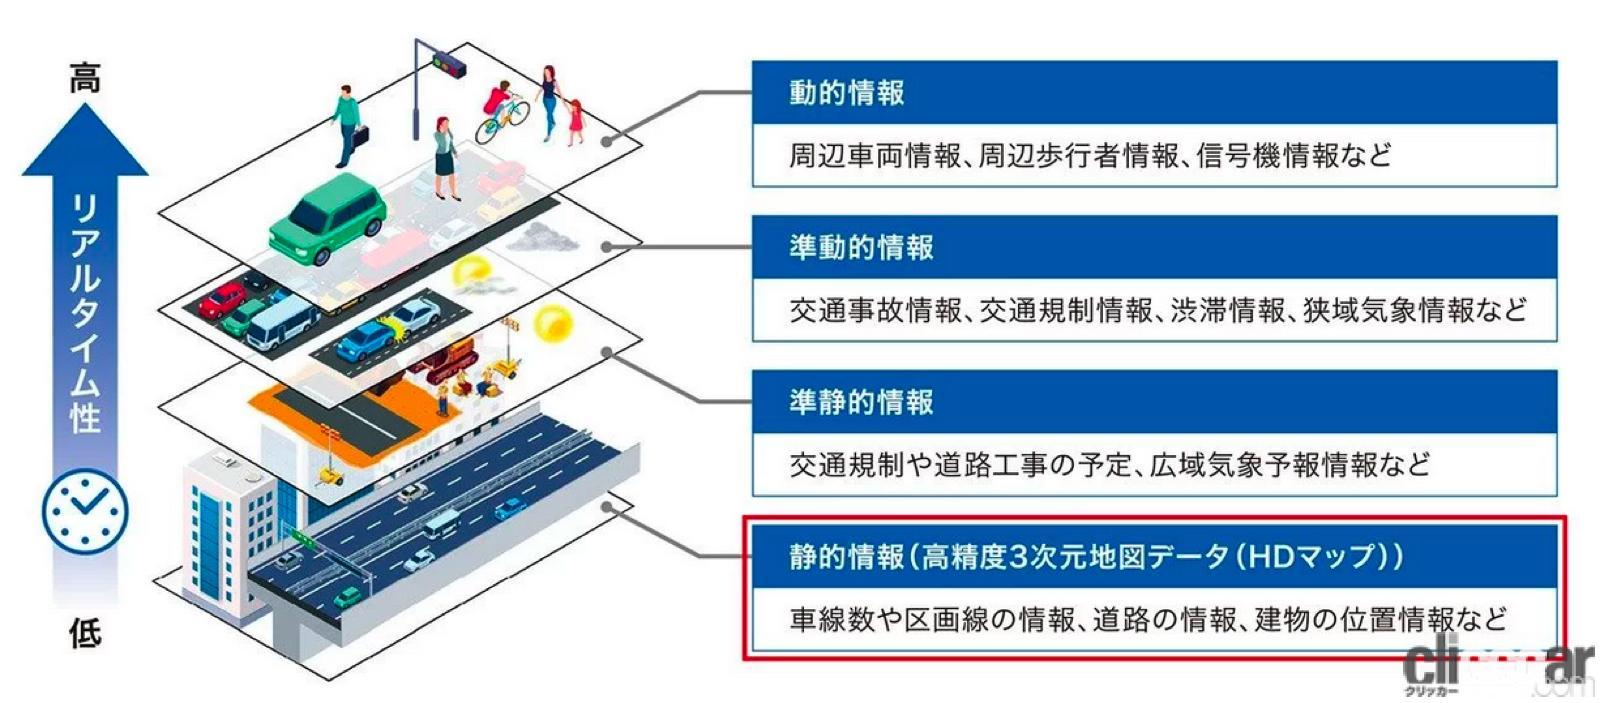 日本が進める自動運転の今を清水和夫さんが解説